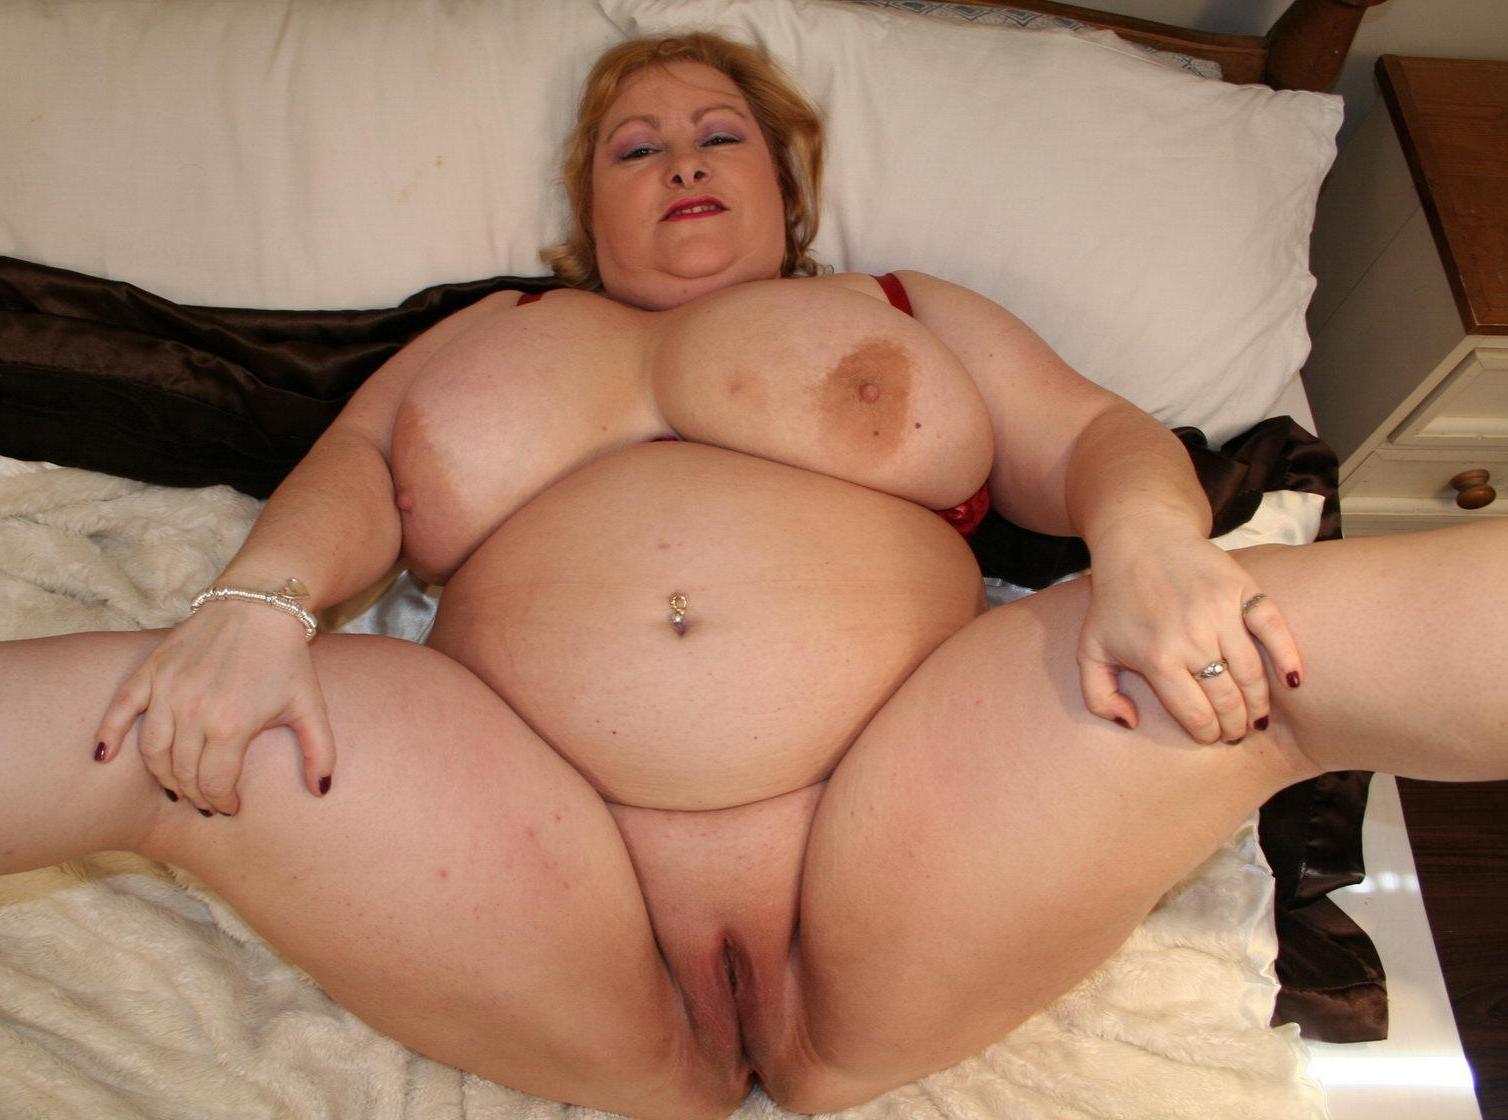 Смотреть онлайн порно русское толстушки 12 фотография